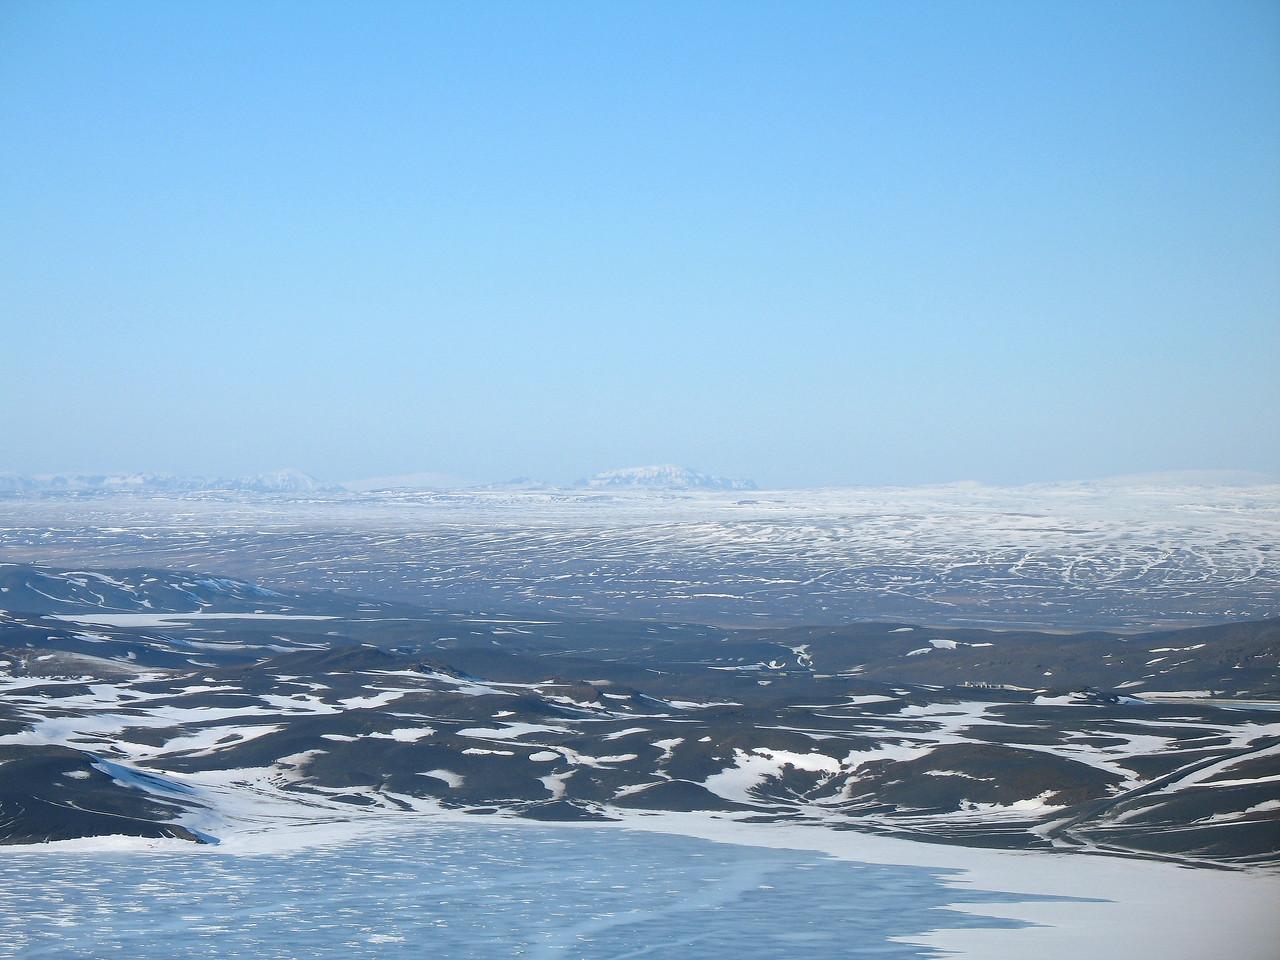 Útsýnið af toppnum - í vestri má óljóst greina Skriðu, Rauðafell, Högnhöfða, toppinn á Skjaldbreið og Kálfstind. Hlöðufell gnæfir á miðri mynd, síðan grillir í toppinn á Stóra-Björnsfelli og að lokum jökulhvel Þórisjökuls.